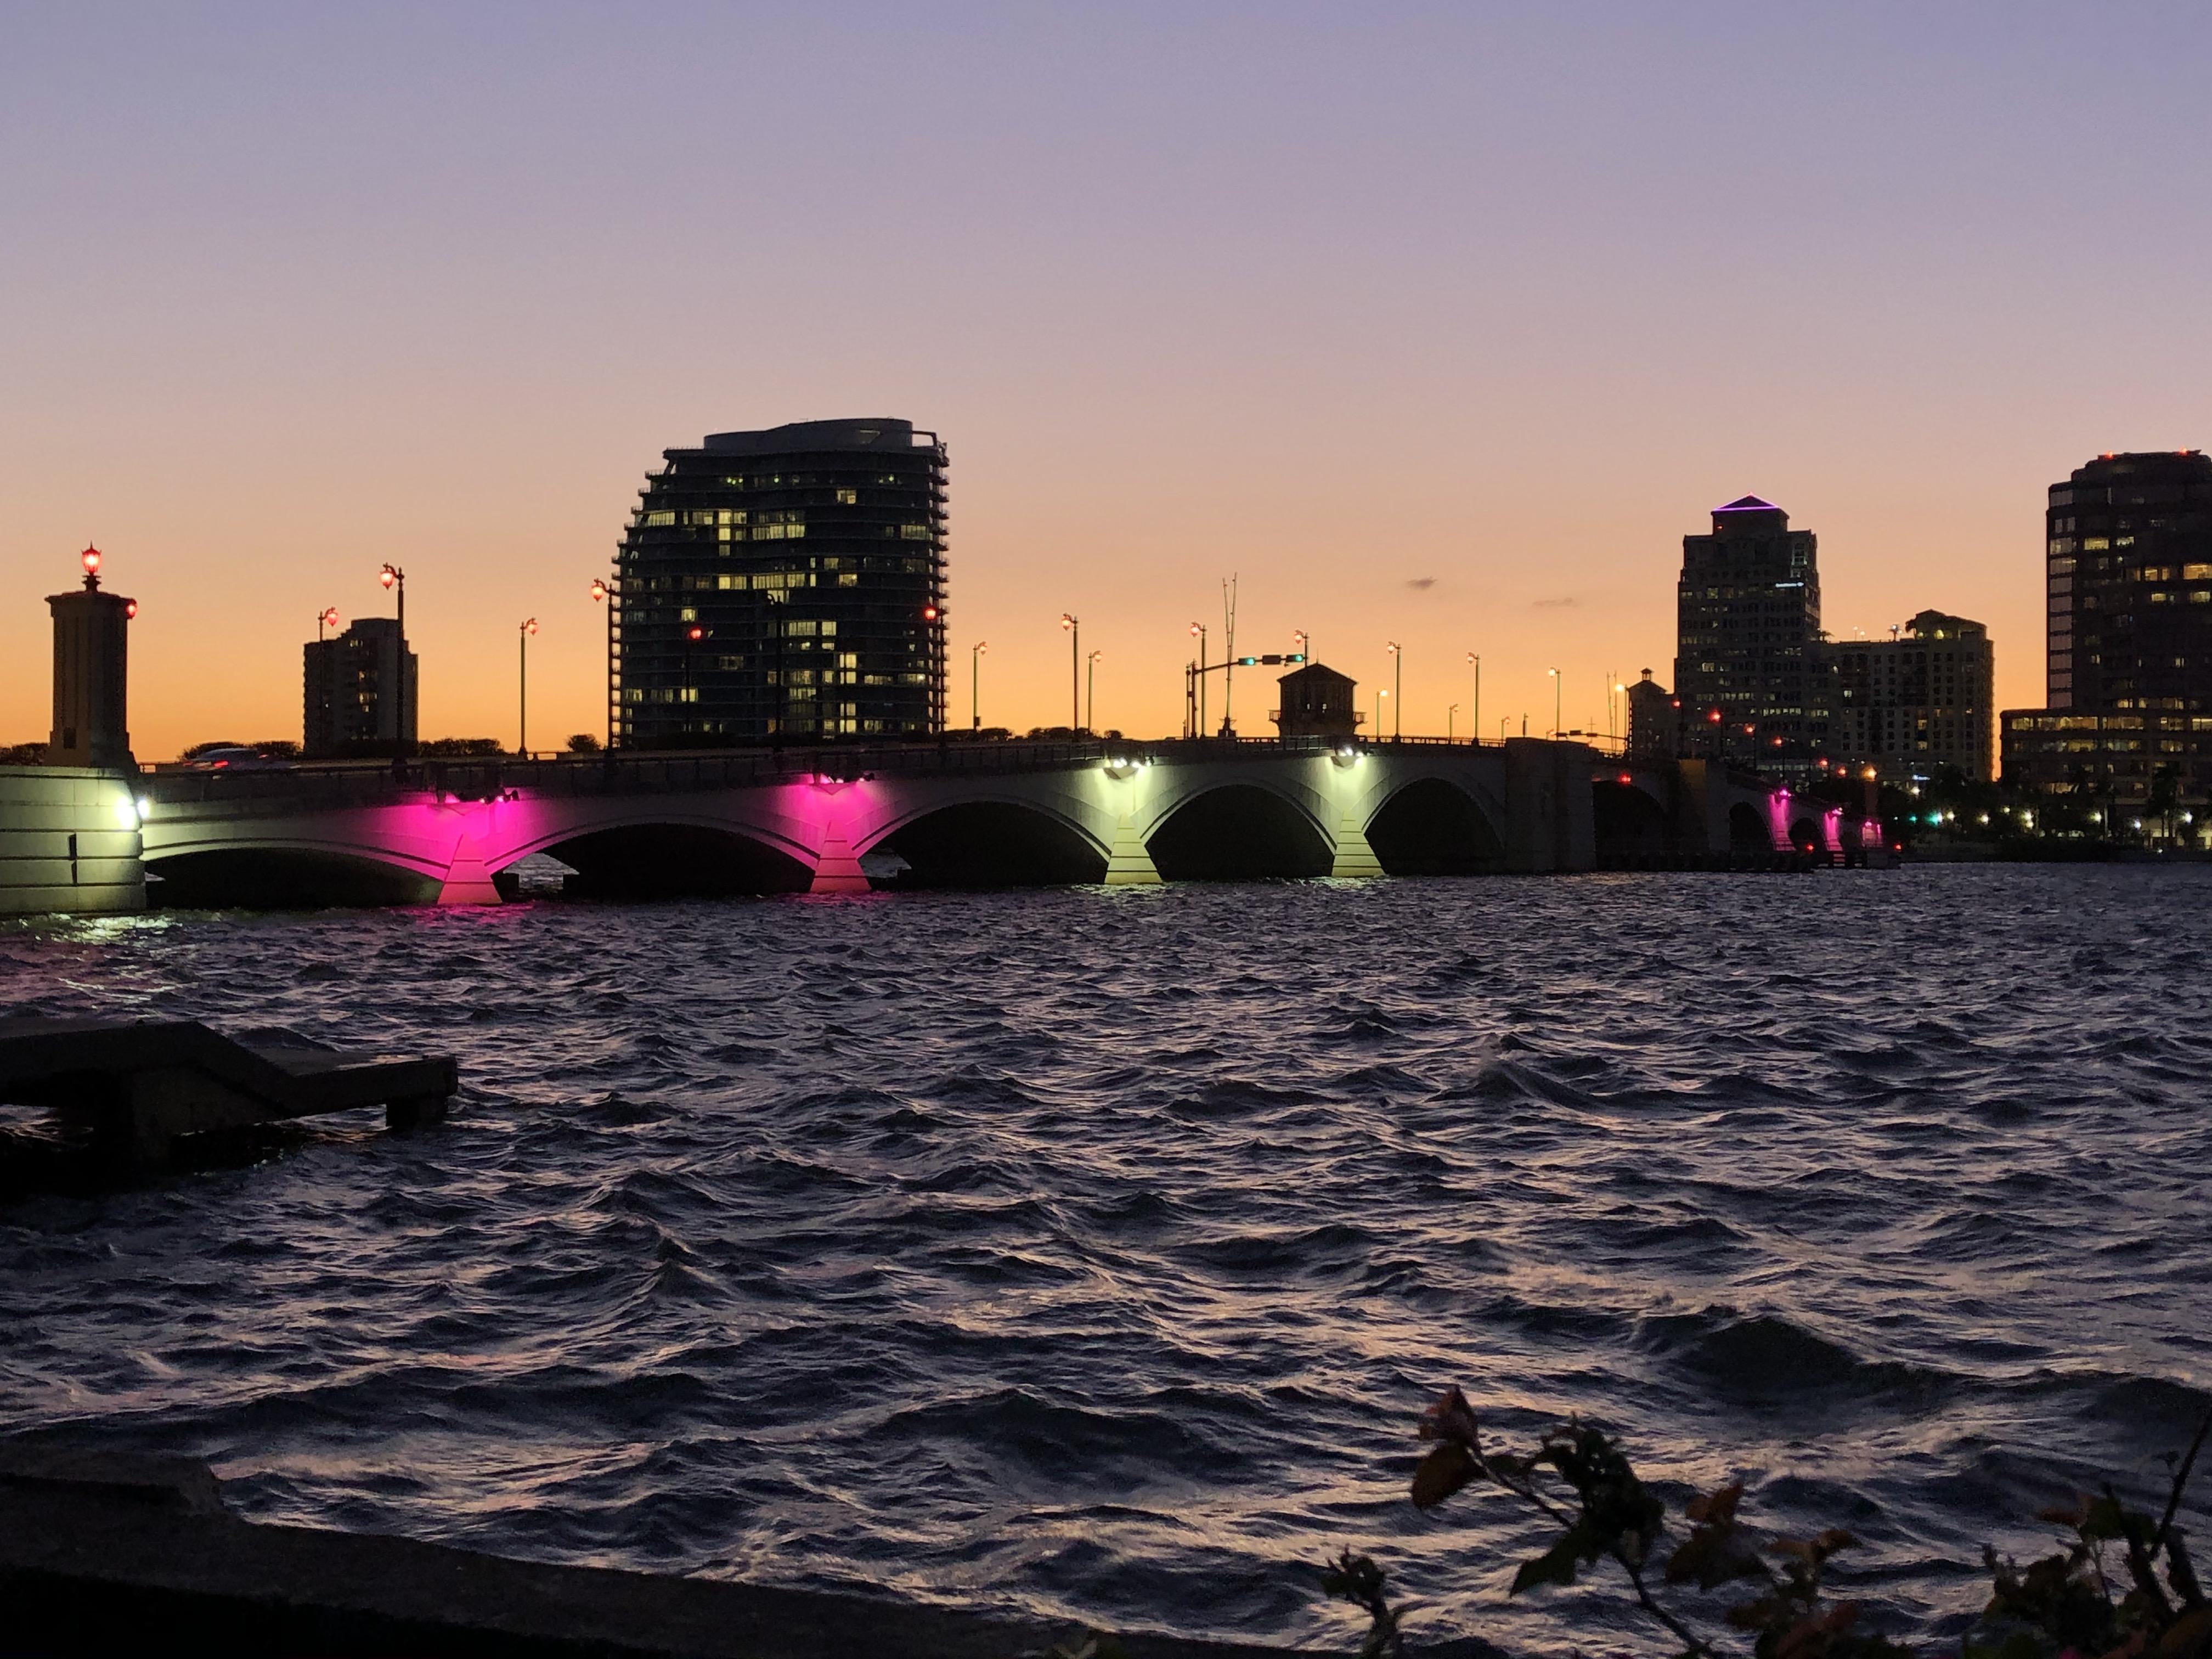 Royal Park Bridge lit pink against a sunset sky